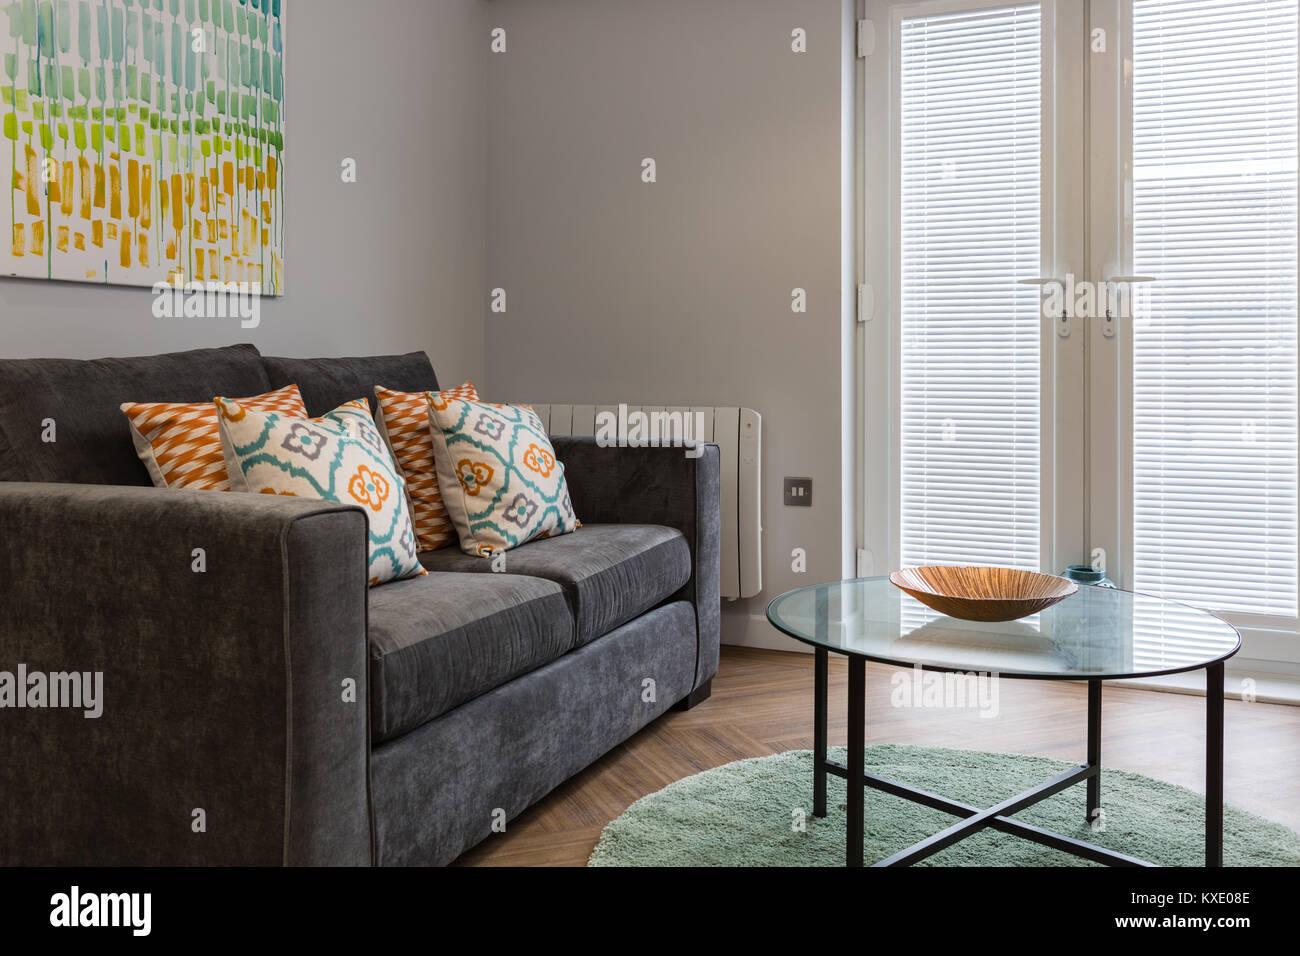 Elegante e moderno con spazio soggiorno con divano grigio unità e ...